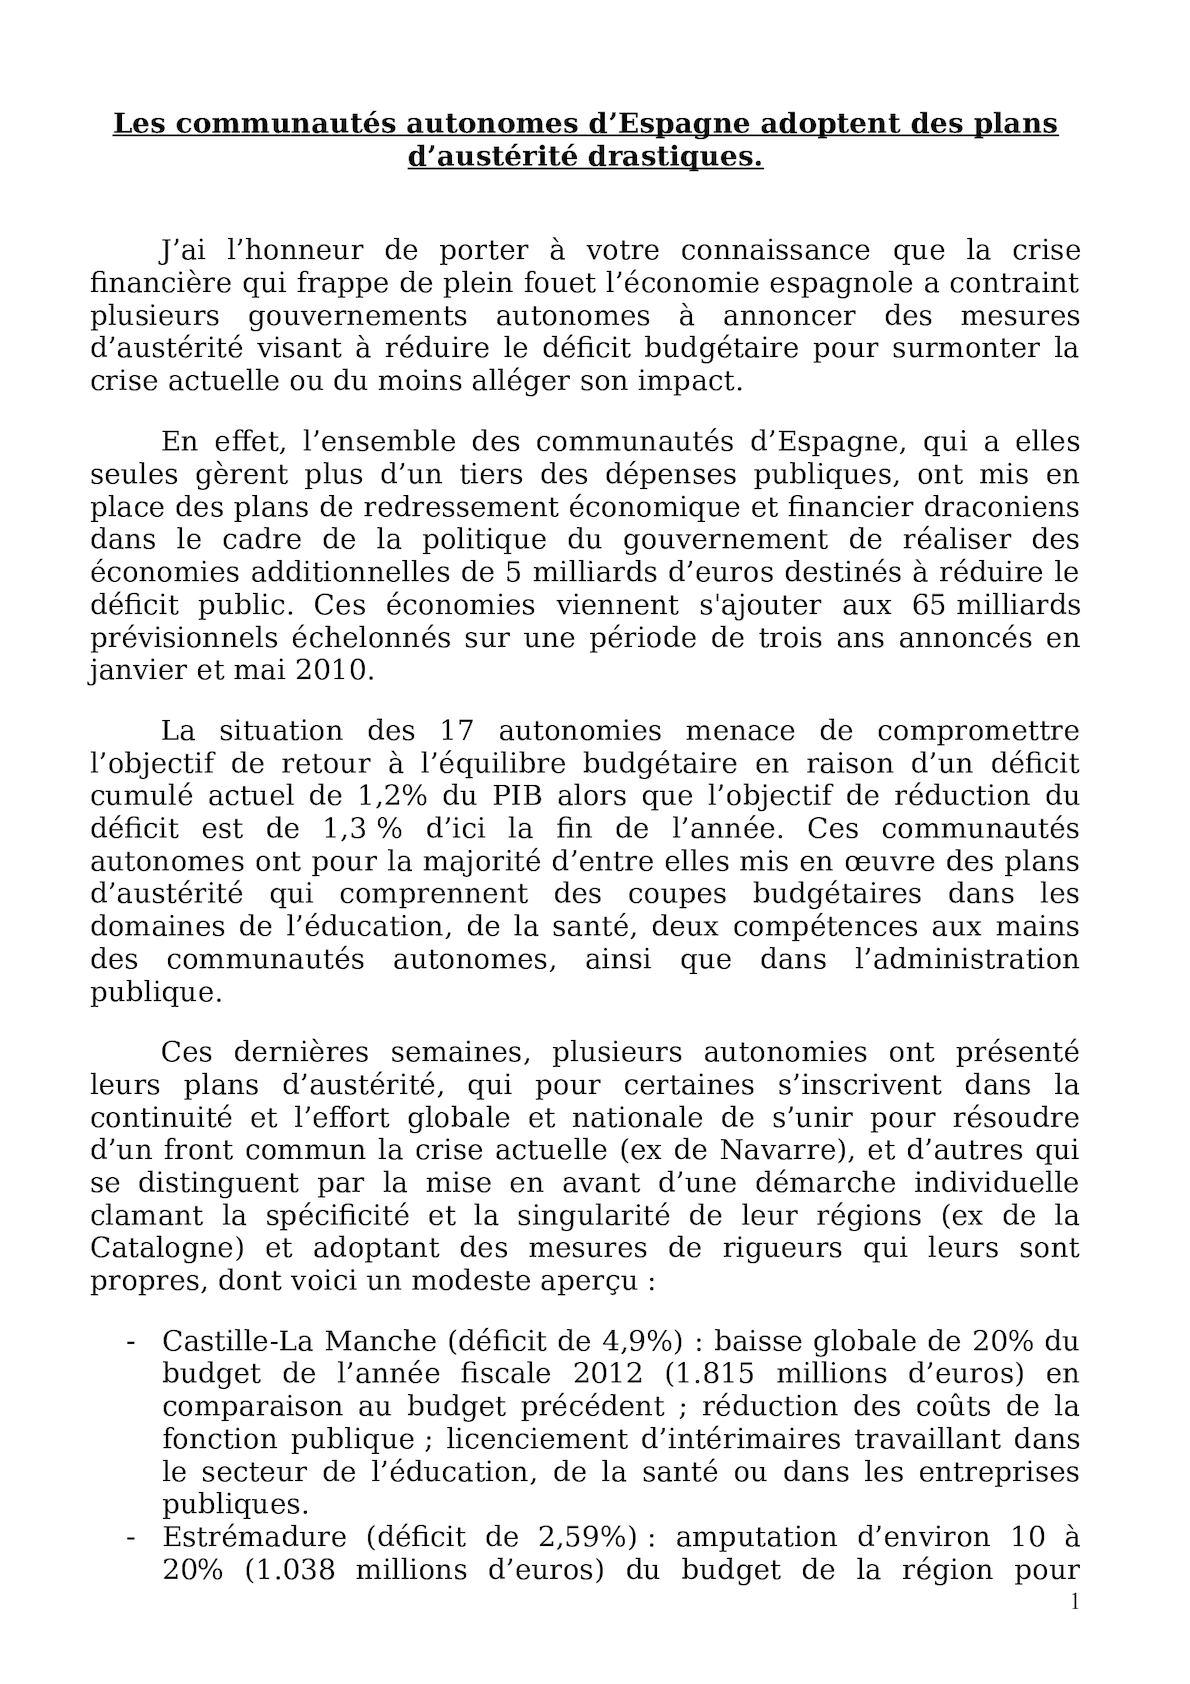 Les Autonomies Adoptent Des Plans D'austérité Drastiques 30 09 11 (3).